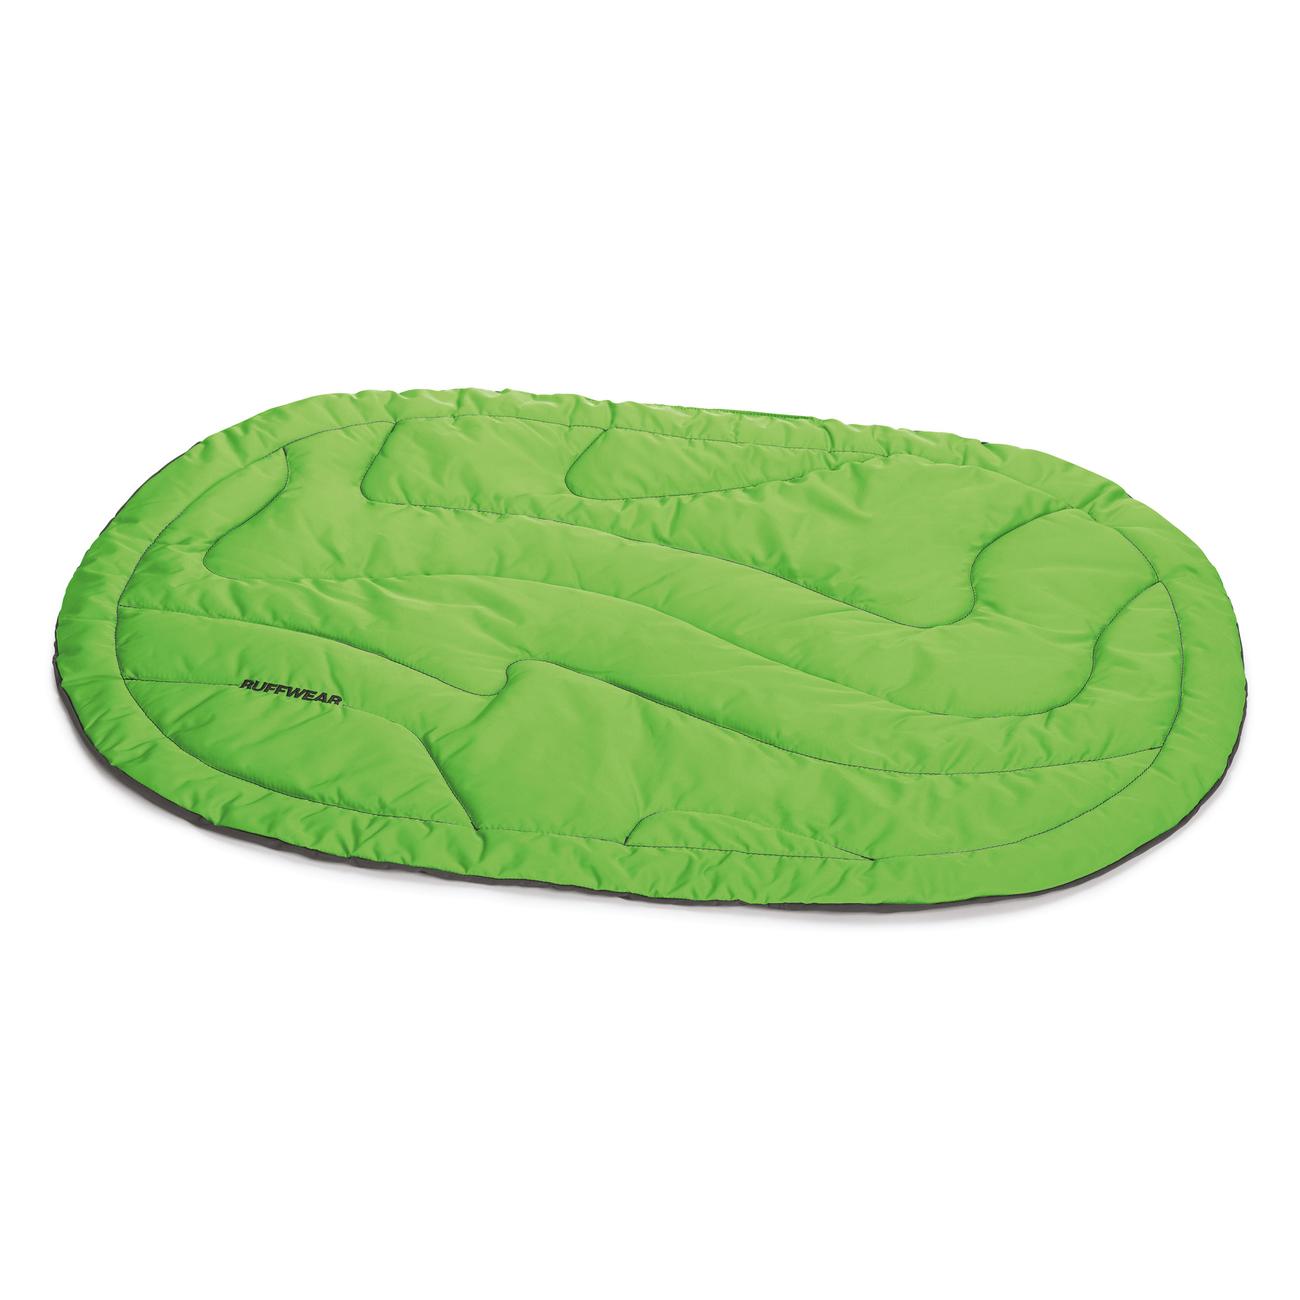 Ruffwear Hundebett Highlands Bed für Outdoor, Bild 3